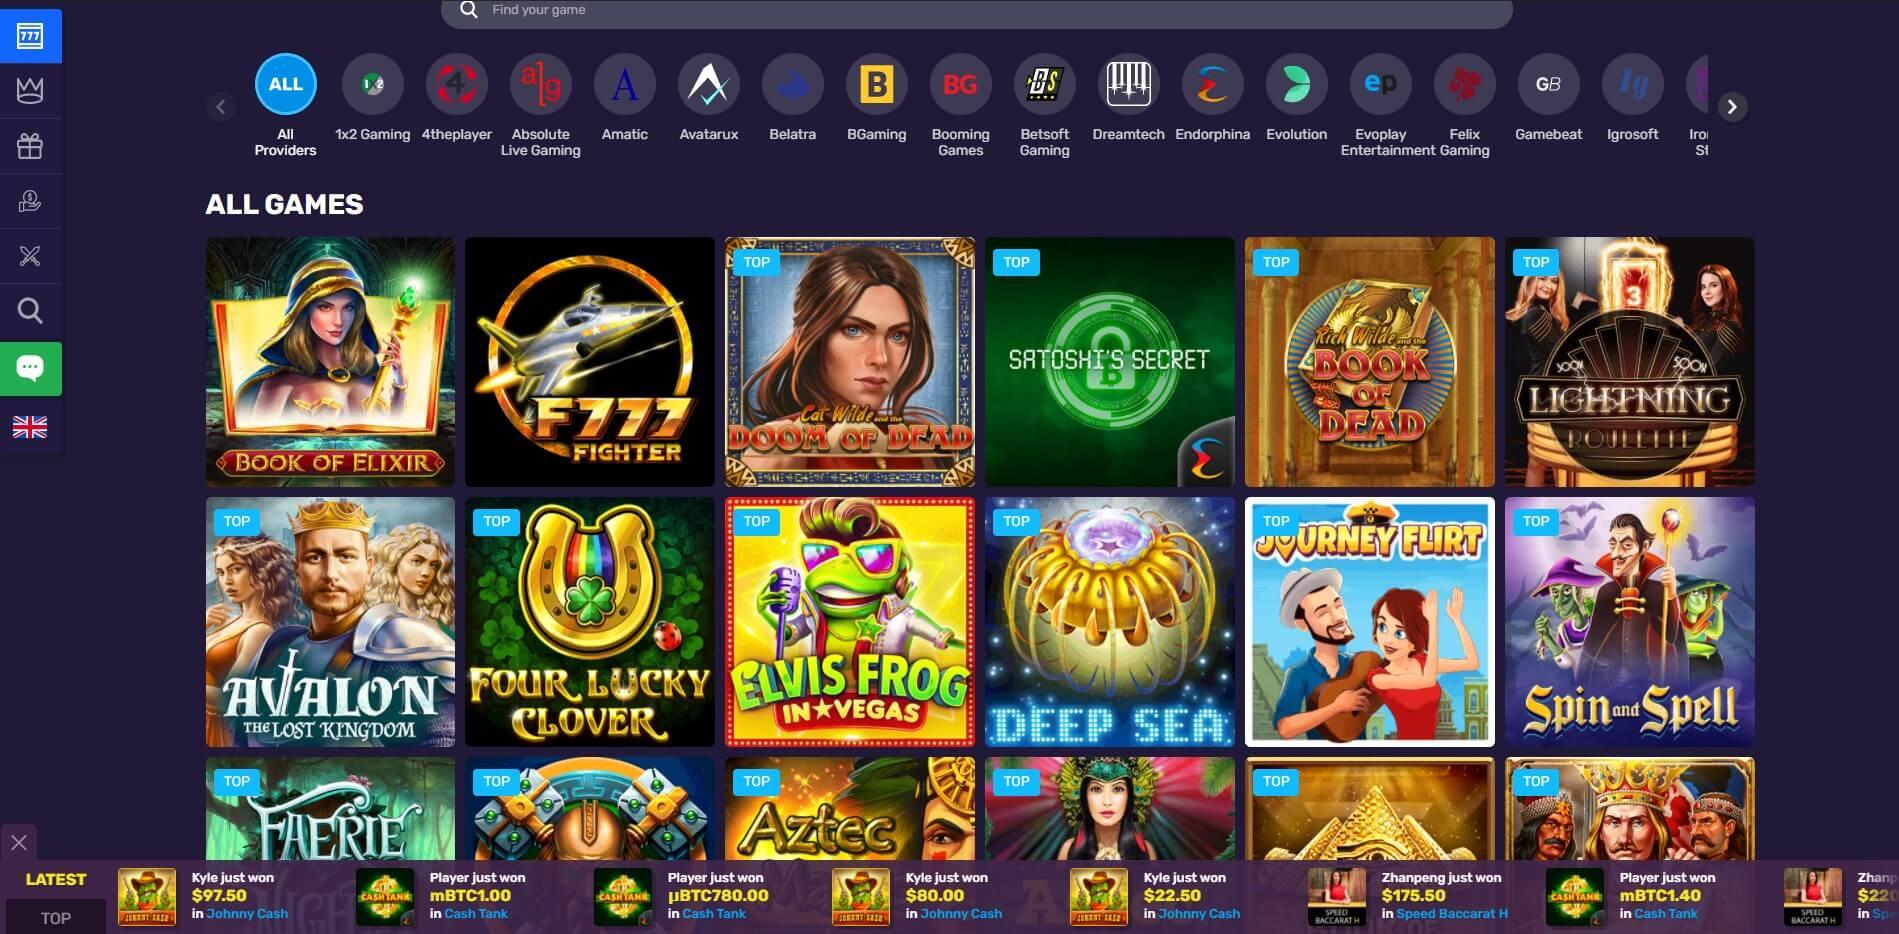 Games at Bitcoin Casino